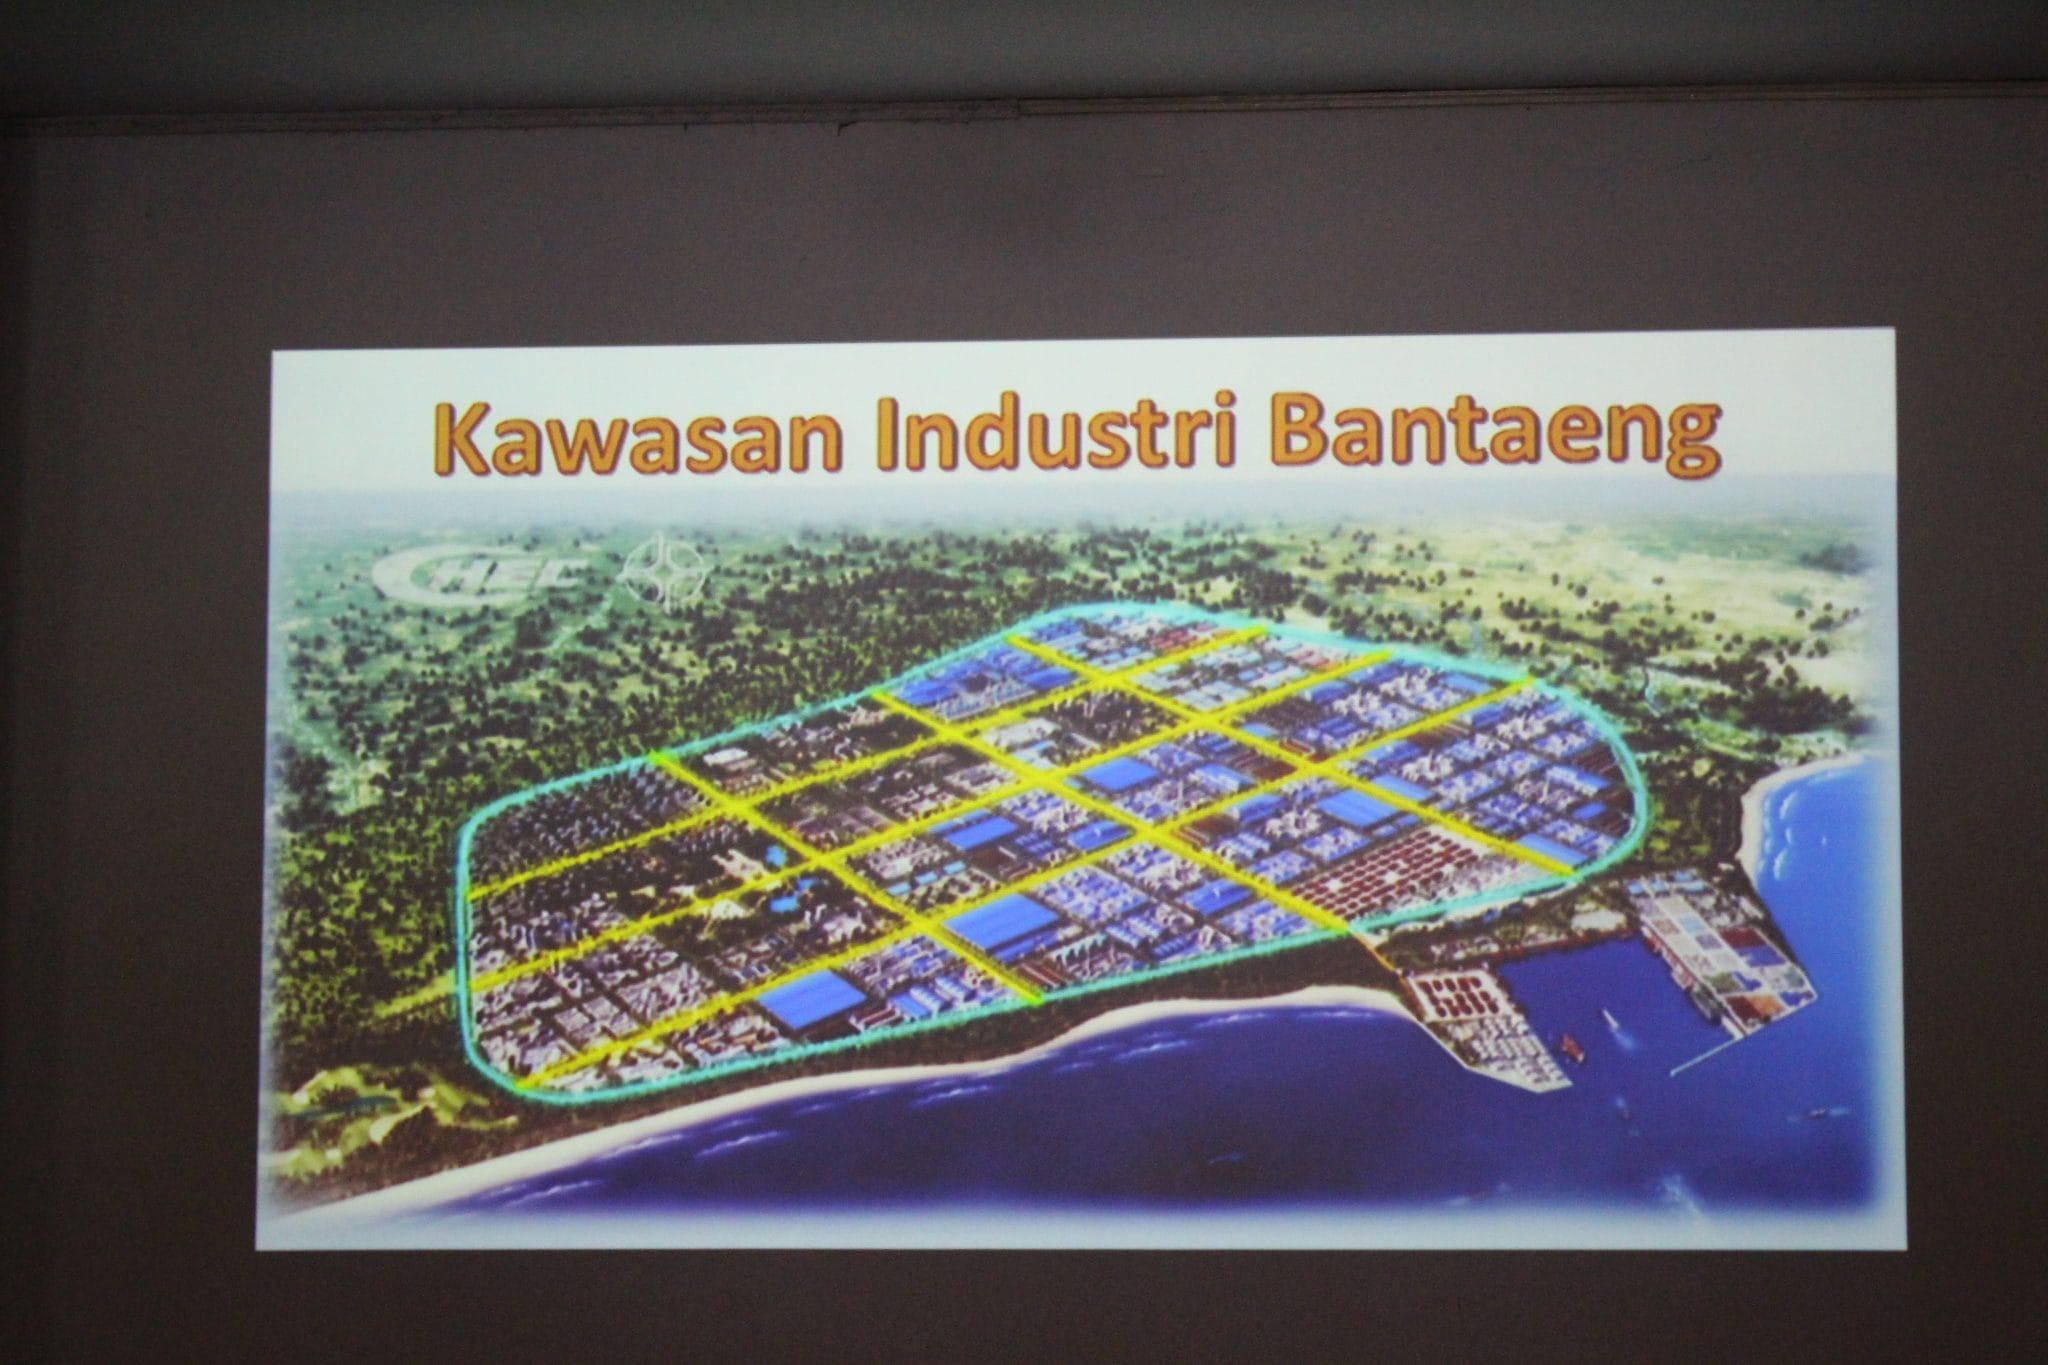 Kemenko Maritim Meninjau Perkembangan Kawasan Industri Bantaeng, Sulawesi Selatan